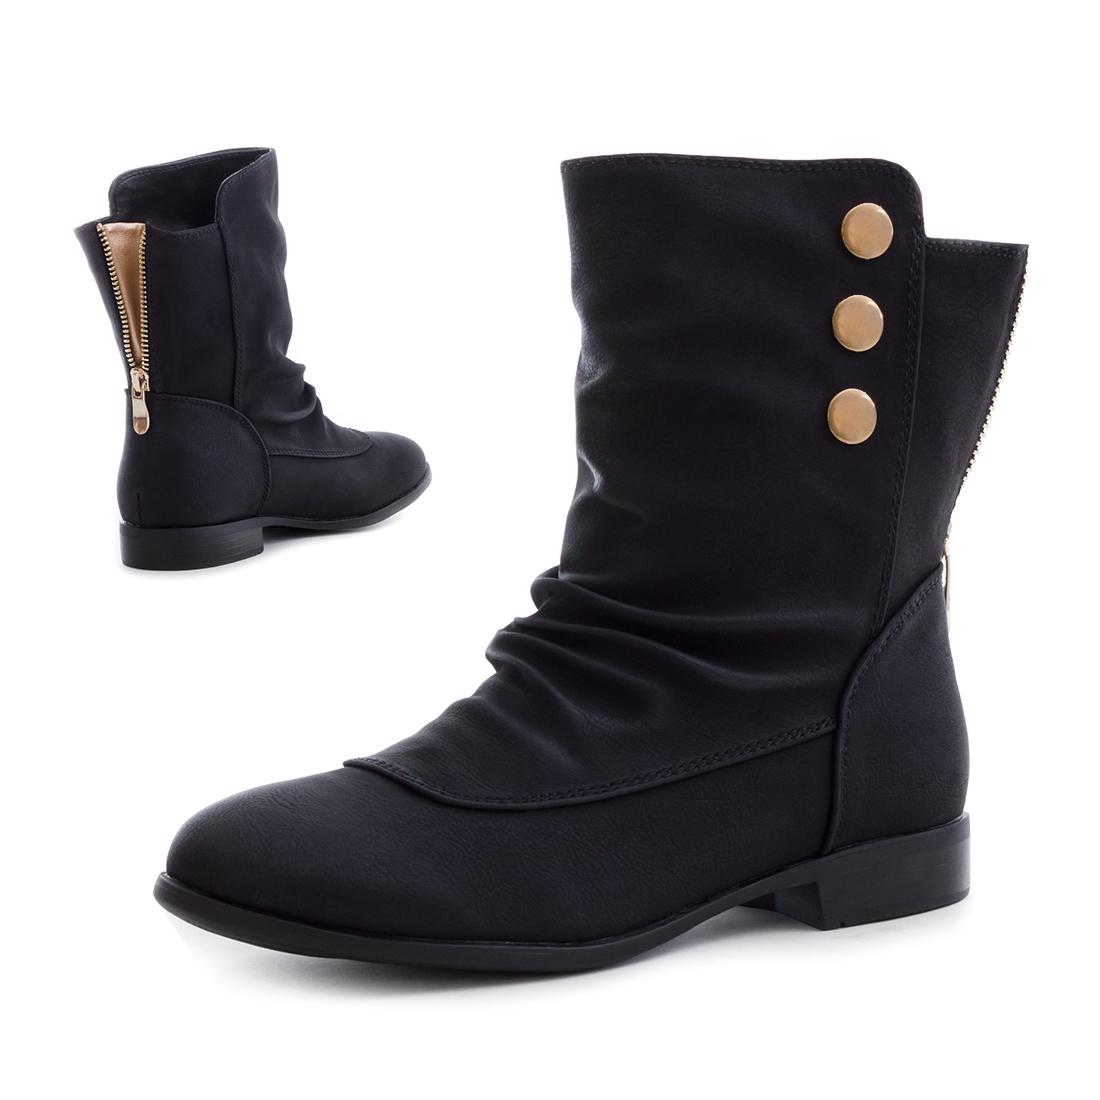 Stiefeletten Schuhe Damen Schnurstiefel Boots 8524 Hellgrau 37